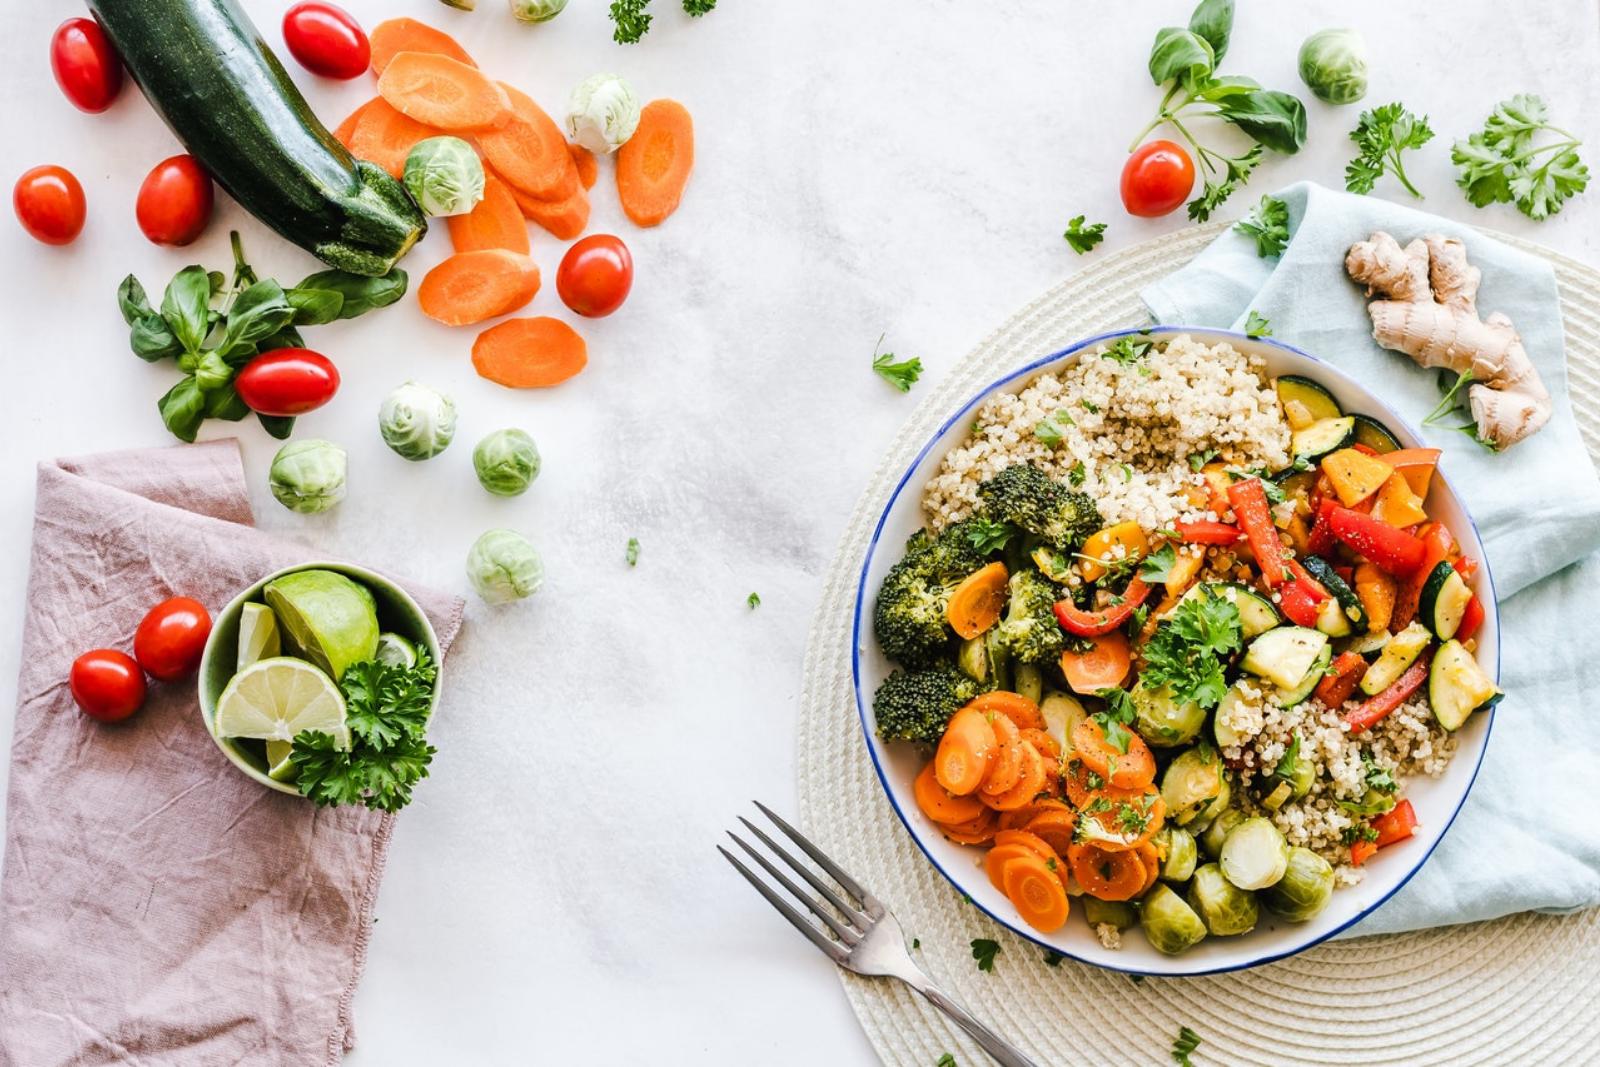 alimentación saludable y quiropráctica